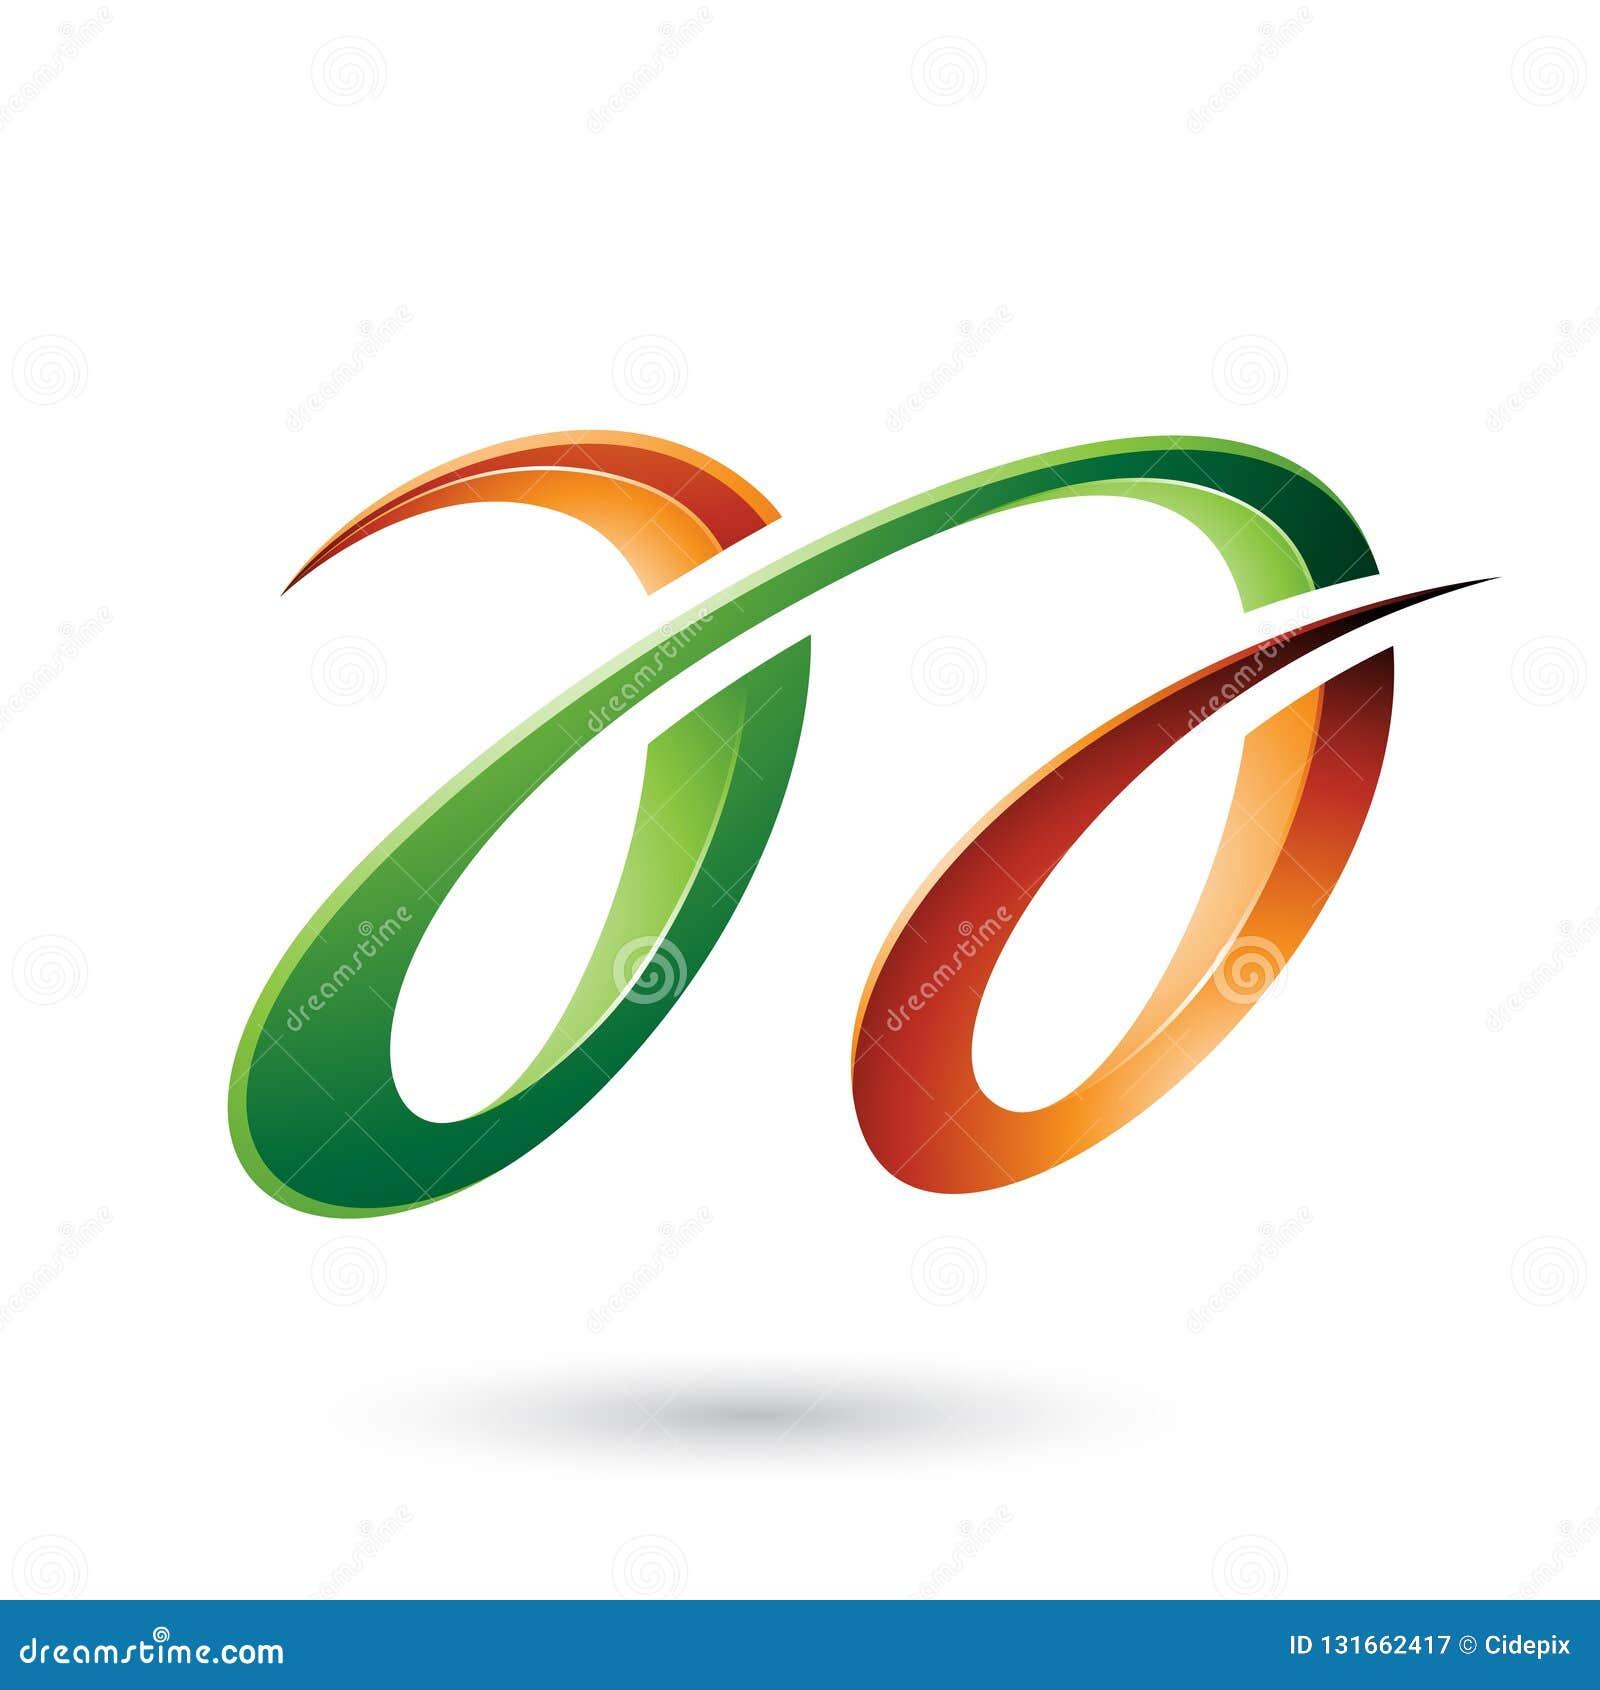 Orange und grüne glatte Doppelbuchstaben A lokalisiert auf einem weißen Hintergrund